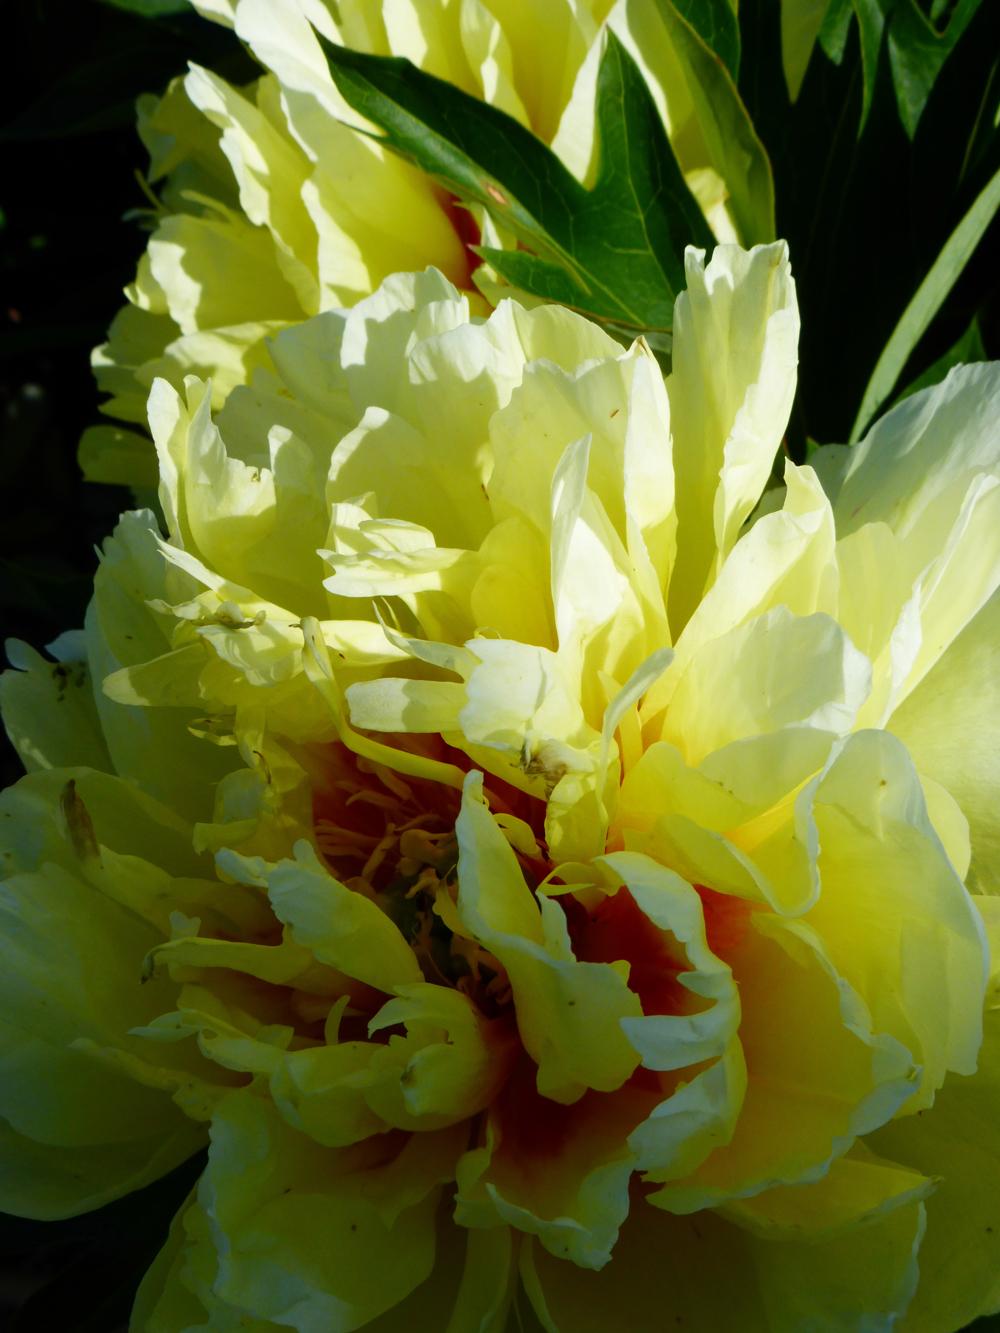 TPAC_flowers_2.jpg